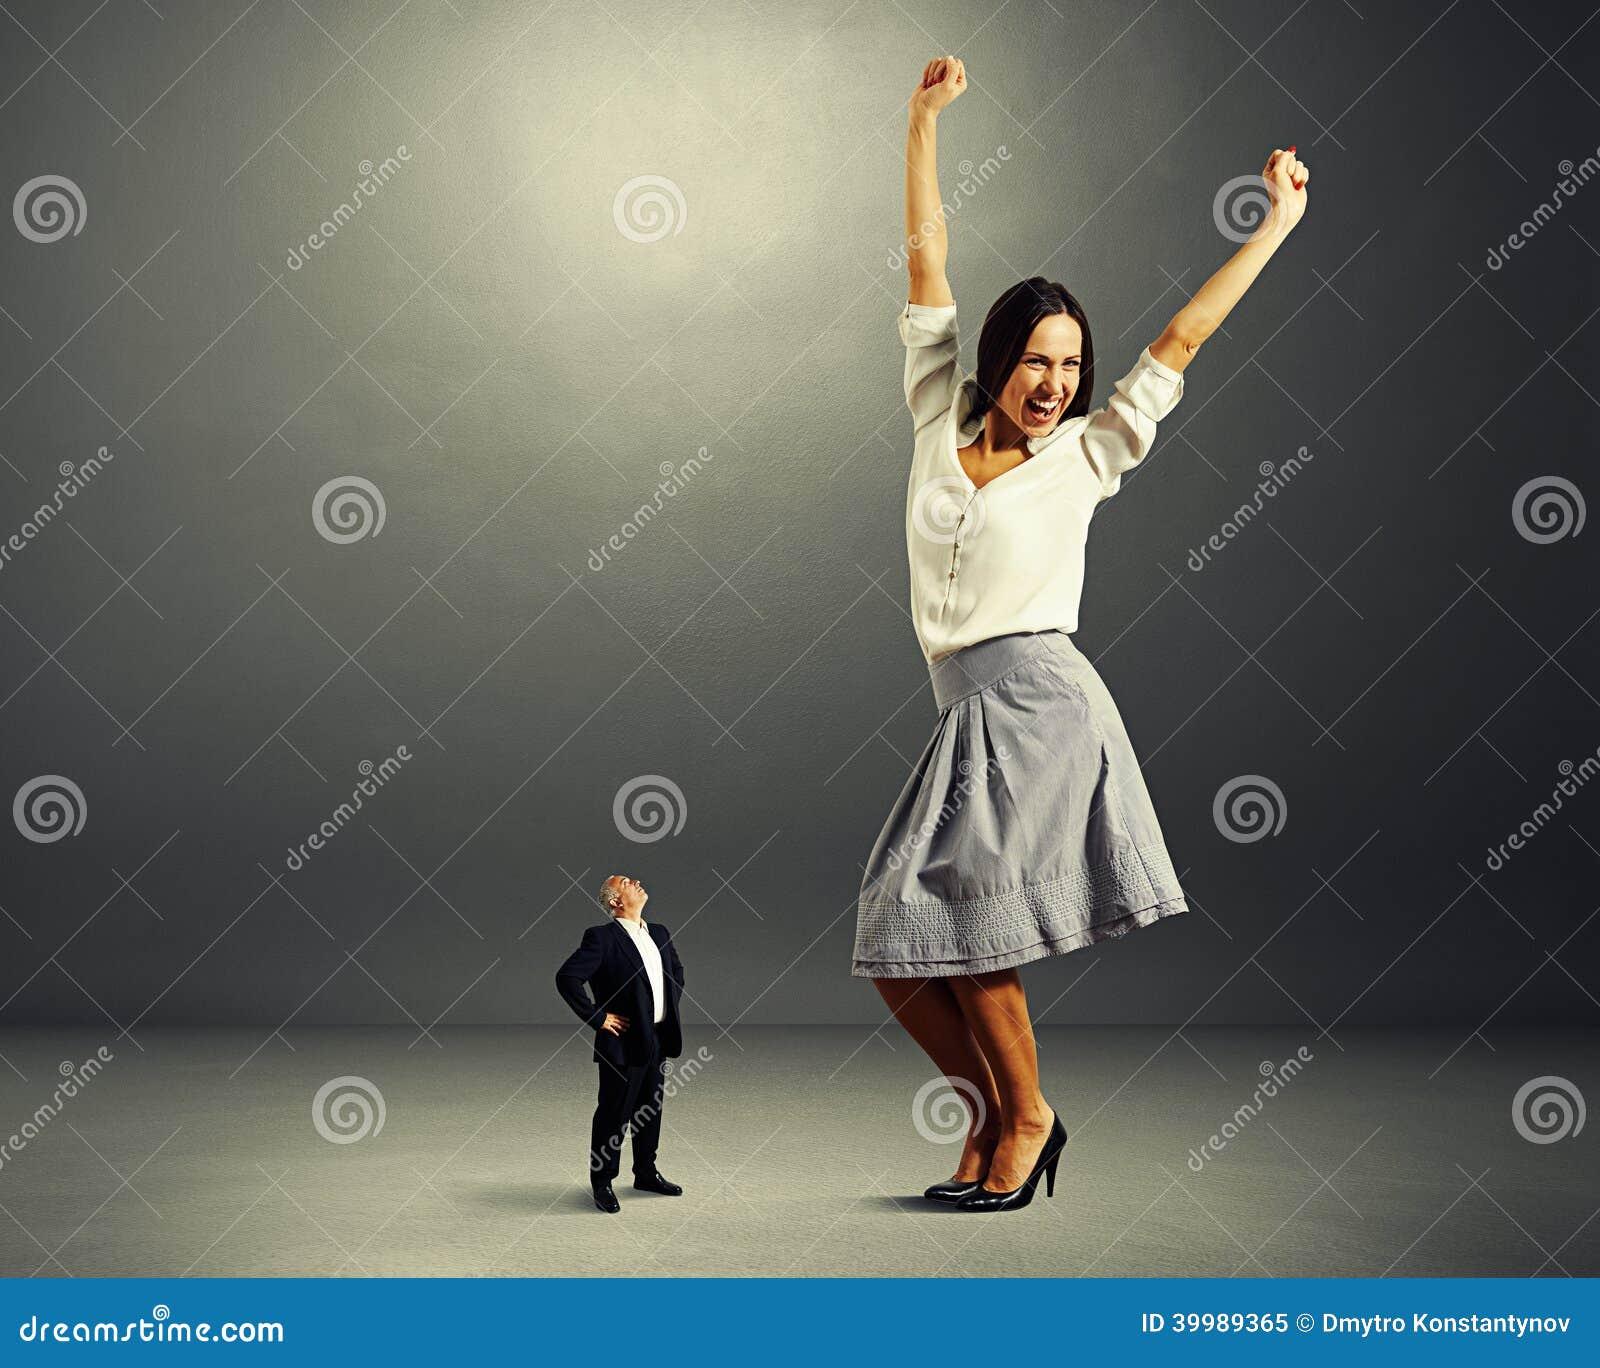 Tiny women seeking big men